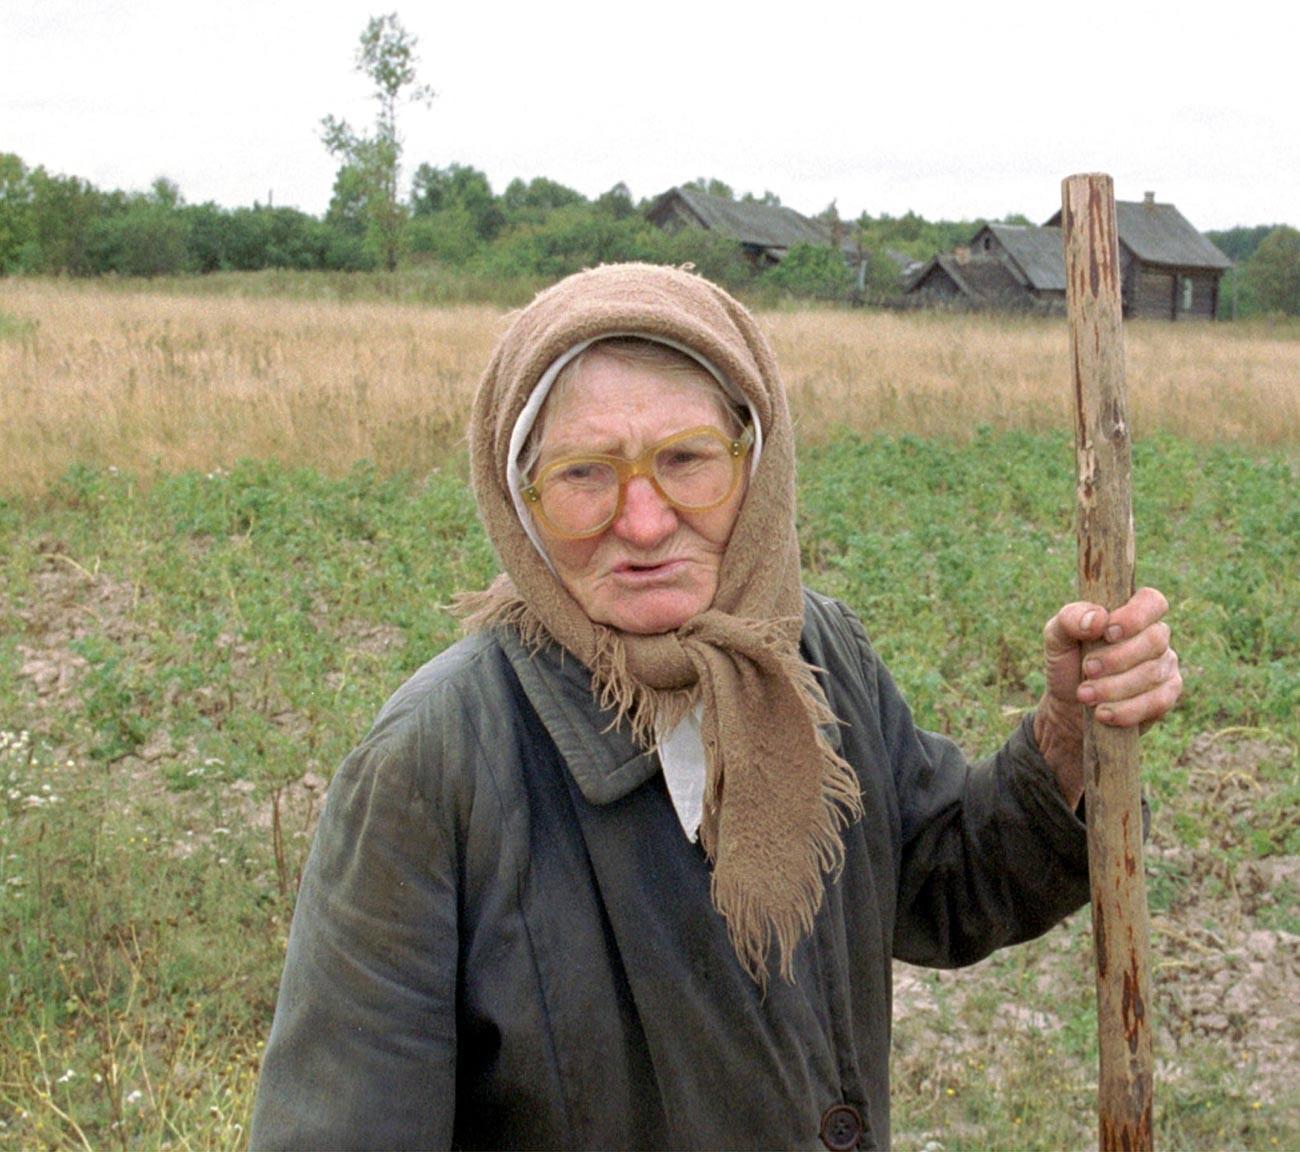 Prebivalka vasi Galkino trideset let po nesreči